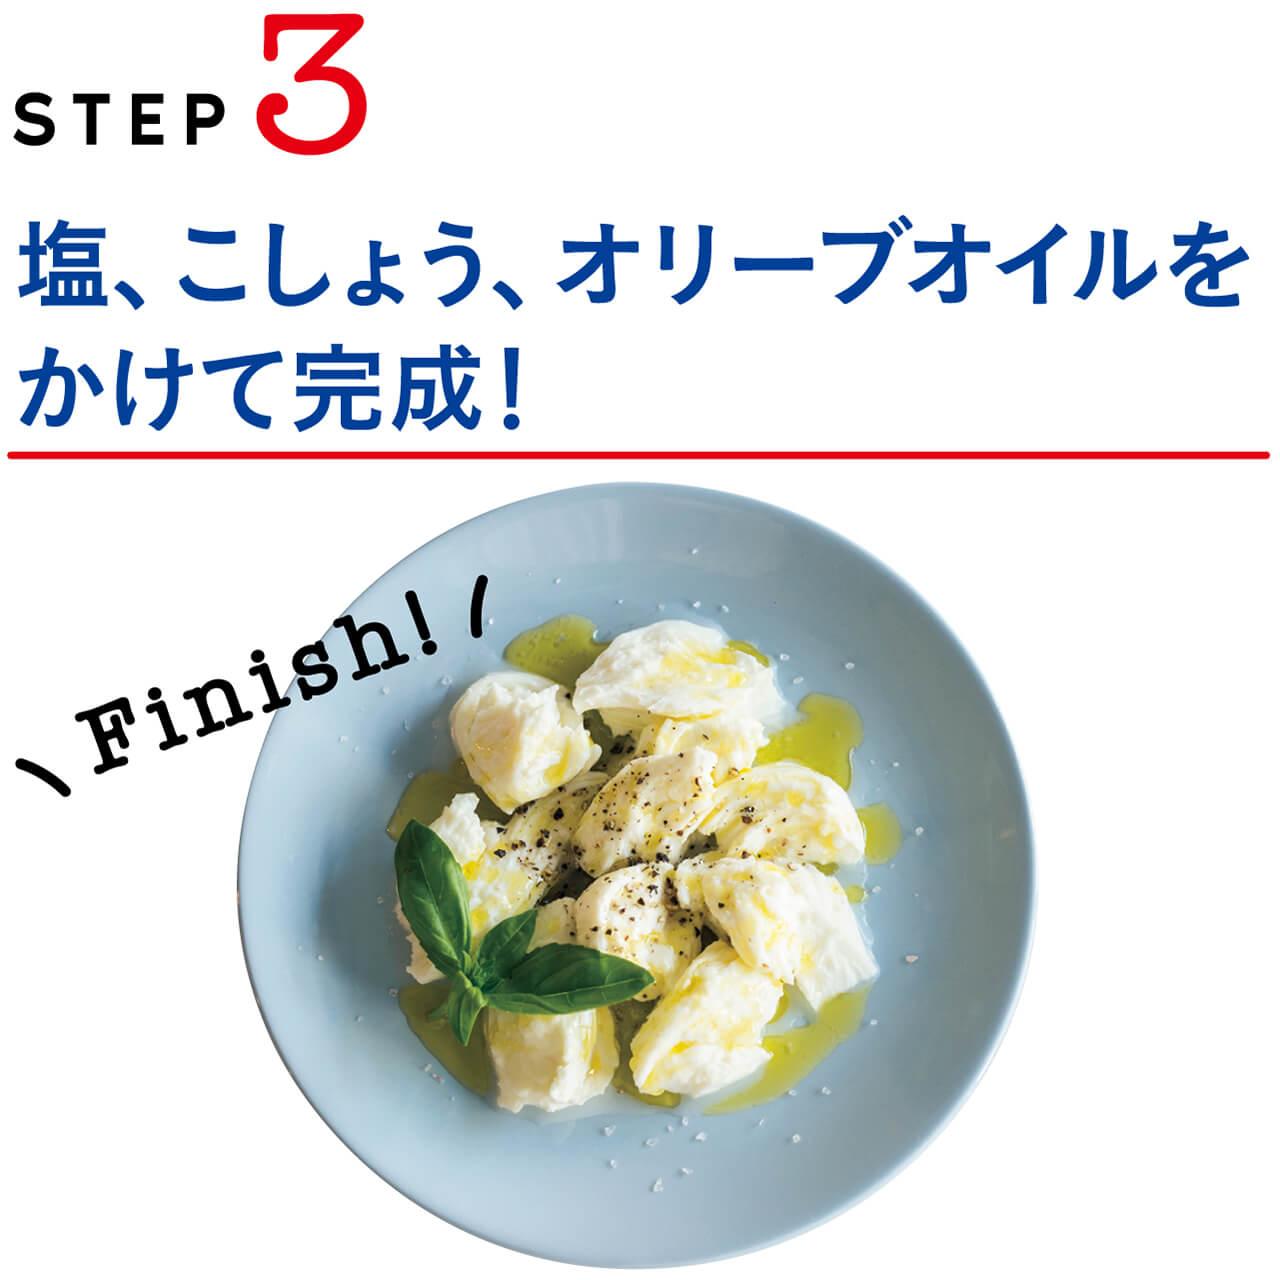 STEP3 塩、こしょう、オリーブオイルをかけて完成! Finish!